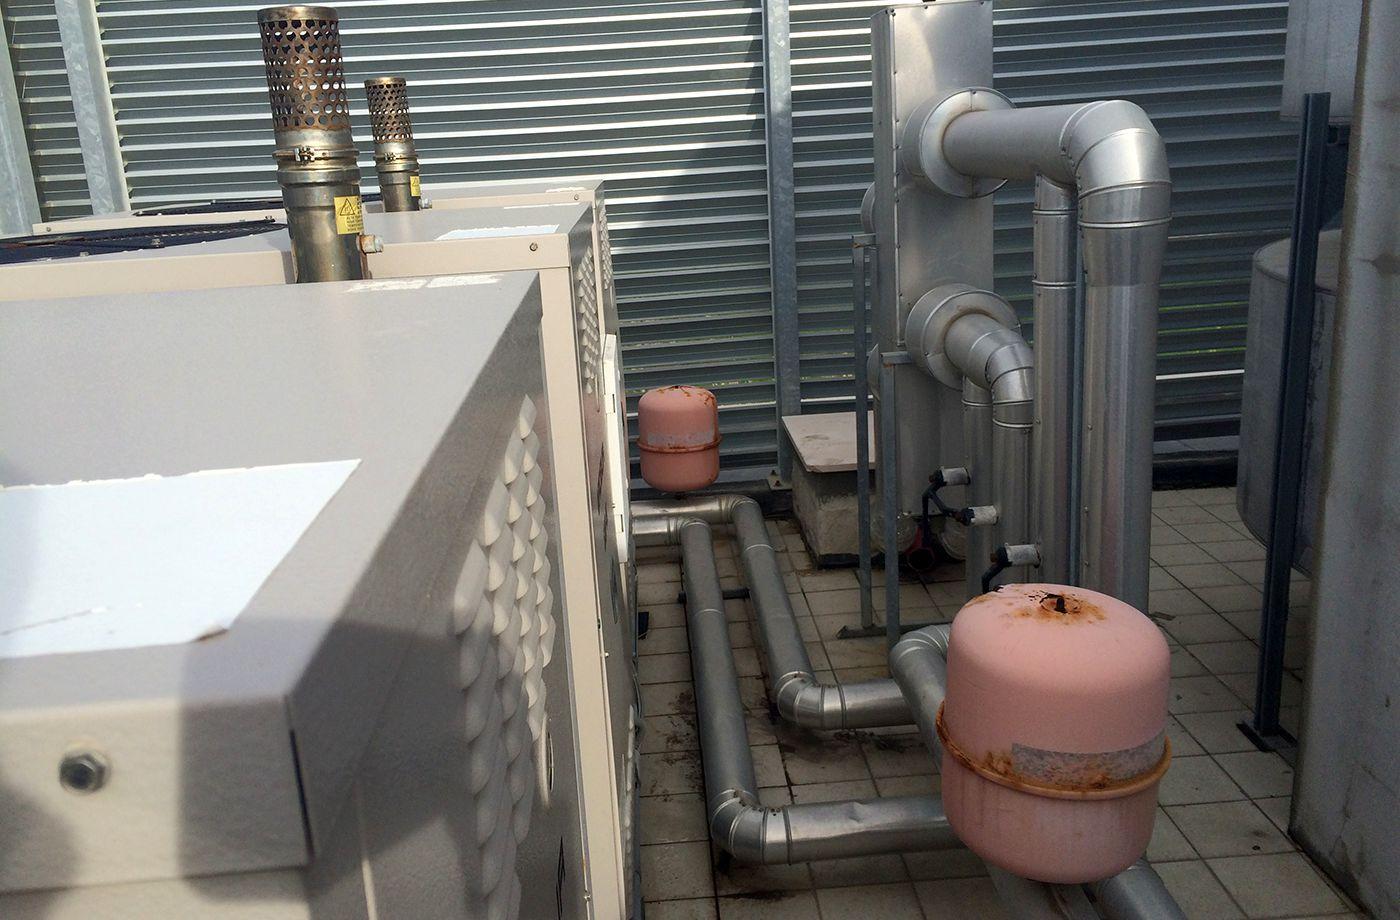 impianti ad energia rinnovabile - Centro benessere extra spa